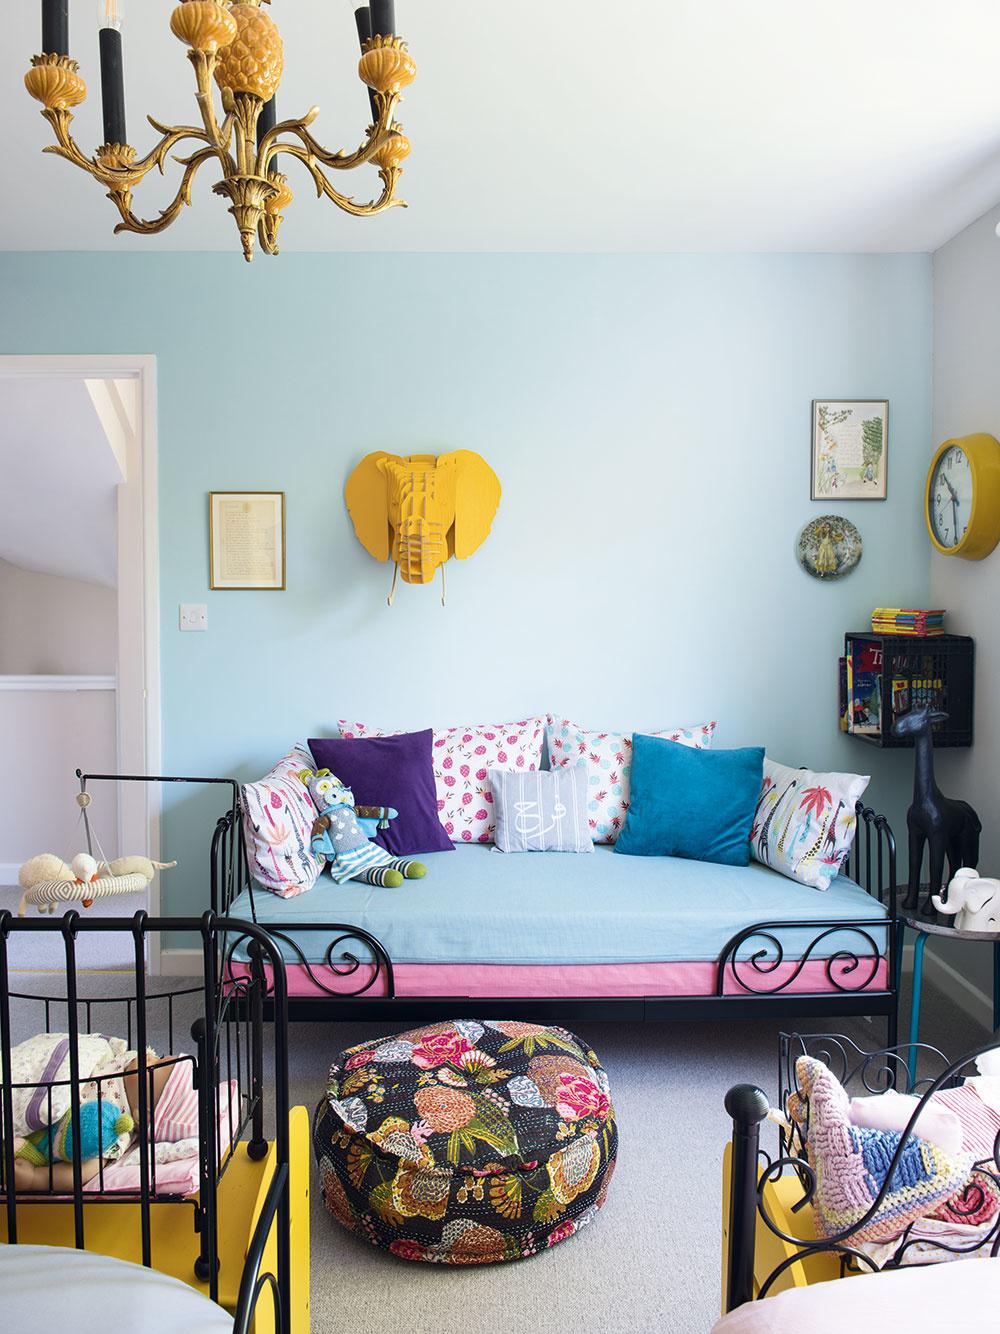 Detská izba nebola výnimkou – ani tu sa pri zariaďovaní zbytočne neplytvalo aruka vruke skreatívnym prístupom tu išla praktickosť. Posteľ, na ktorej dnes spáva Olívia, patrila vdetstve jej mame, Charlottina je rovnako ako ďalšie zariadenie zIkey.